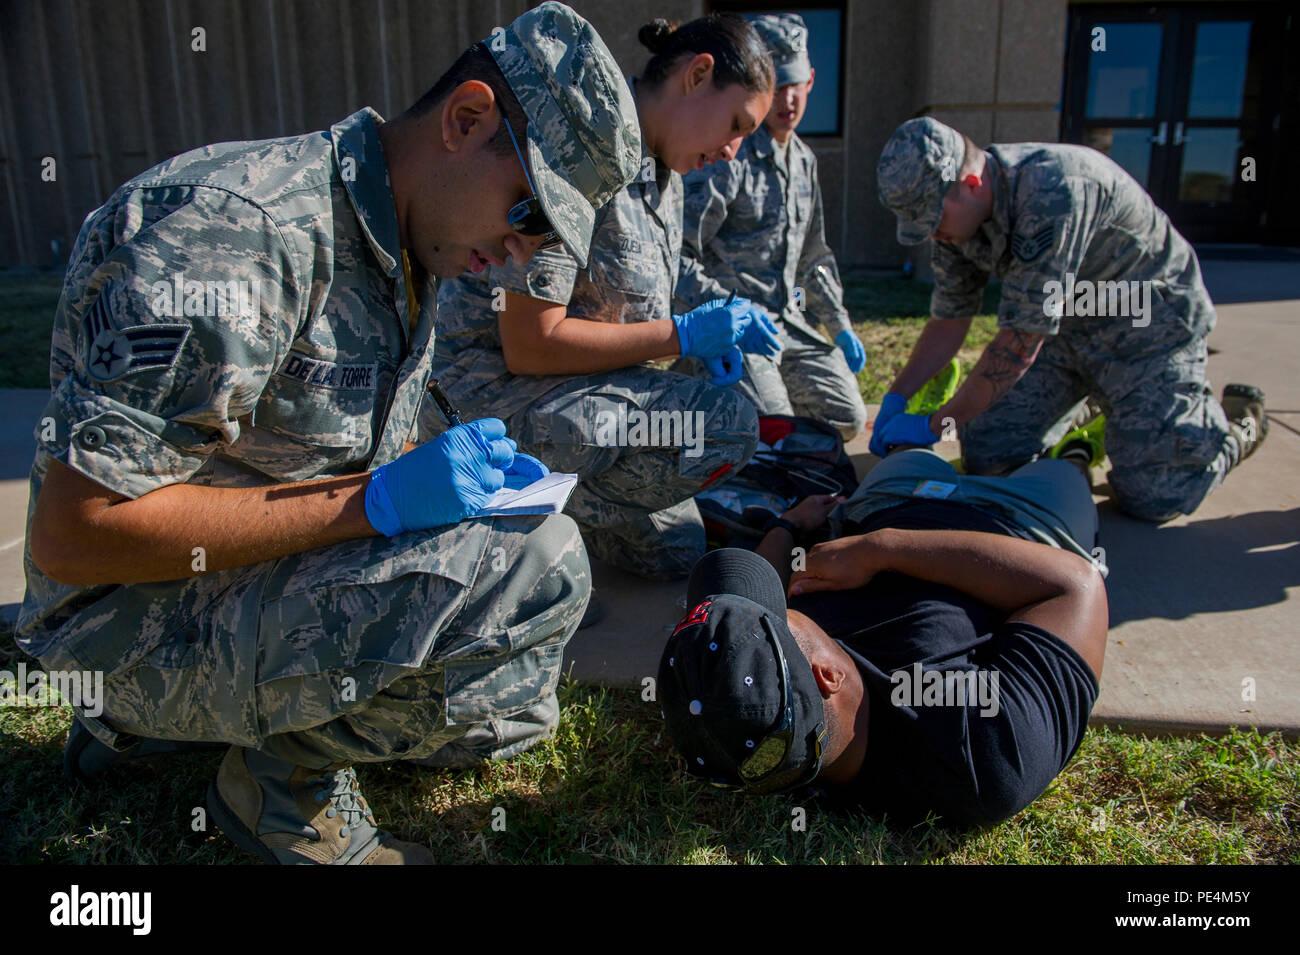 Us Air Force Notfallmediziner aus Holloman Air Force Base, N.M., führen Sie einen Hundebiss Szenario während der Emt Rodeo übung Sept. 18, 2015, Cannon Air Force Base, NM. 21 Teams der Elite EMTs von 22 Anlagen in der gesamten Luftwaffe an der Kanone für vier Tage von innovativen, high-octane Wettbewerb Sept. 16-19 einberufen. In der gesamten Rodeo Teams waren verpflichtet, die lifesaving Mission unter den kritischen Augen von Sachverständigen durchzuführen, zeigt präzise Technik und effektive Umsetzung. (U.S. Air Force Foto/Master Sgt. Dennis Henry jr.) Stockfoto